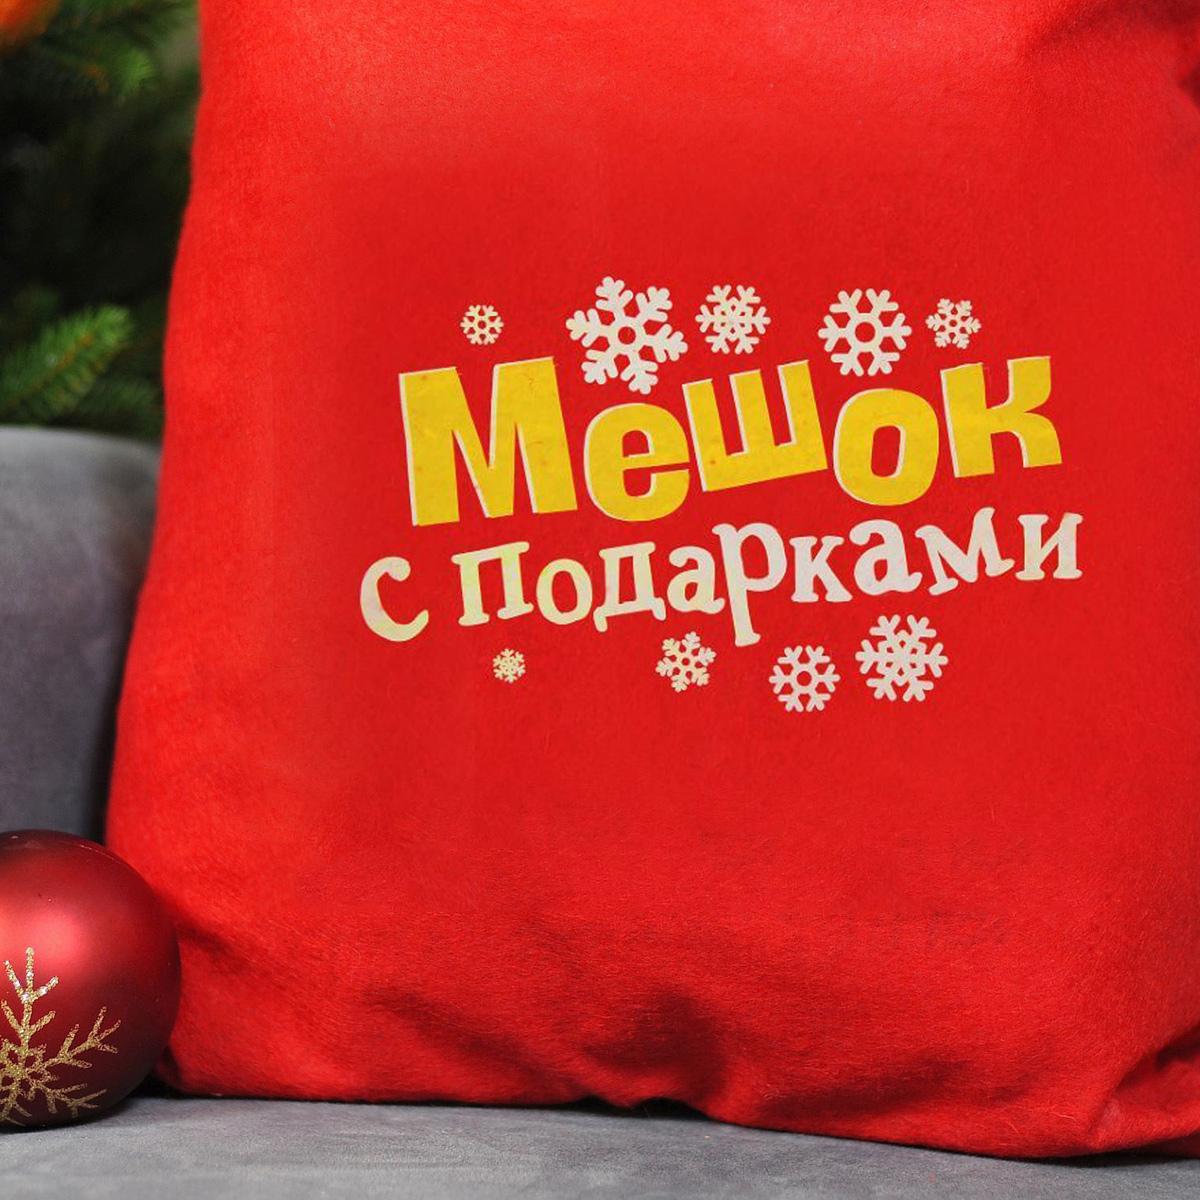 Семье картинках, картинки с надписью про подарки